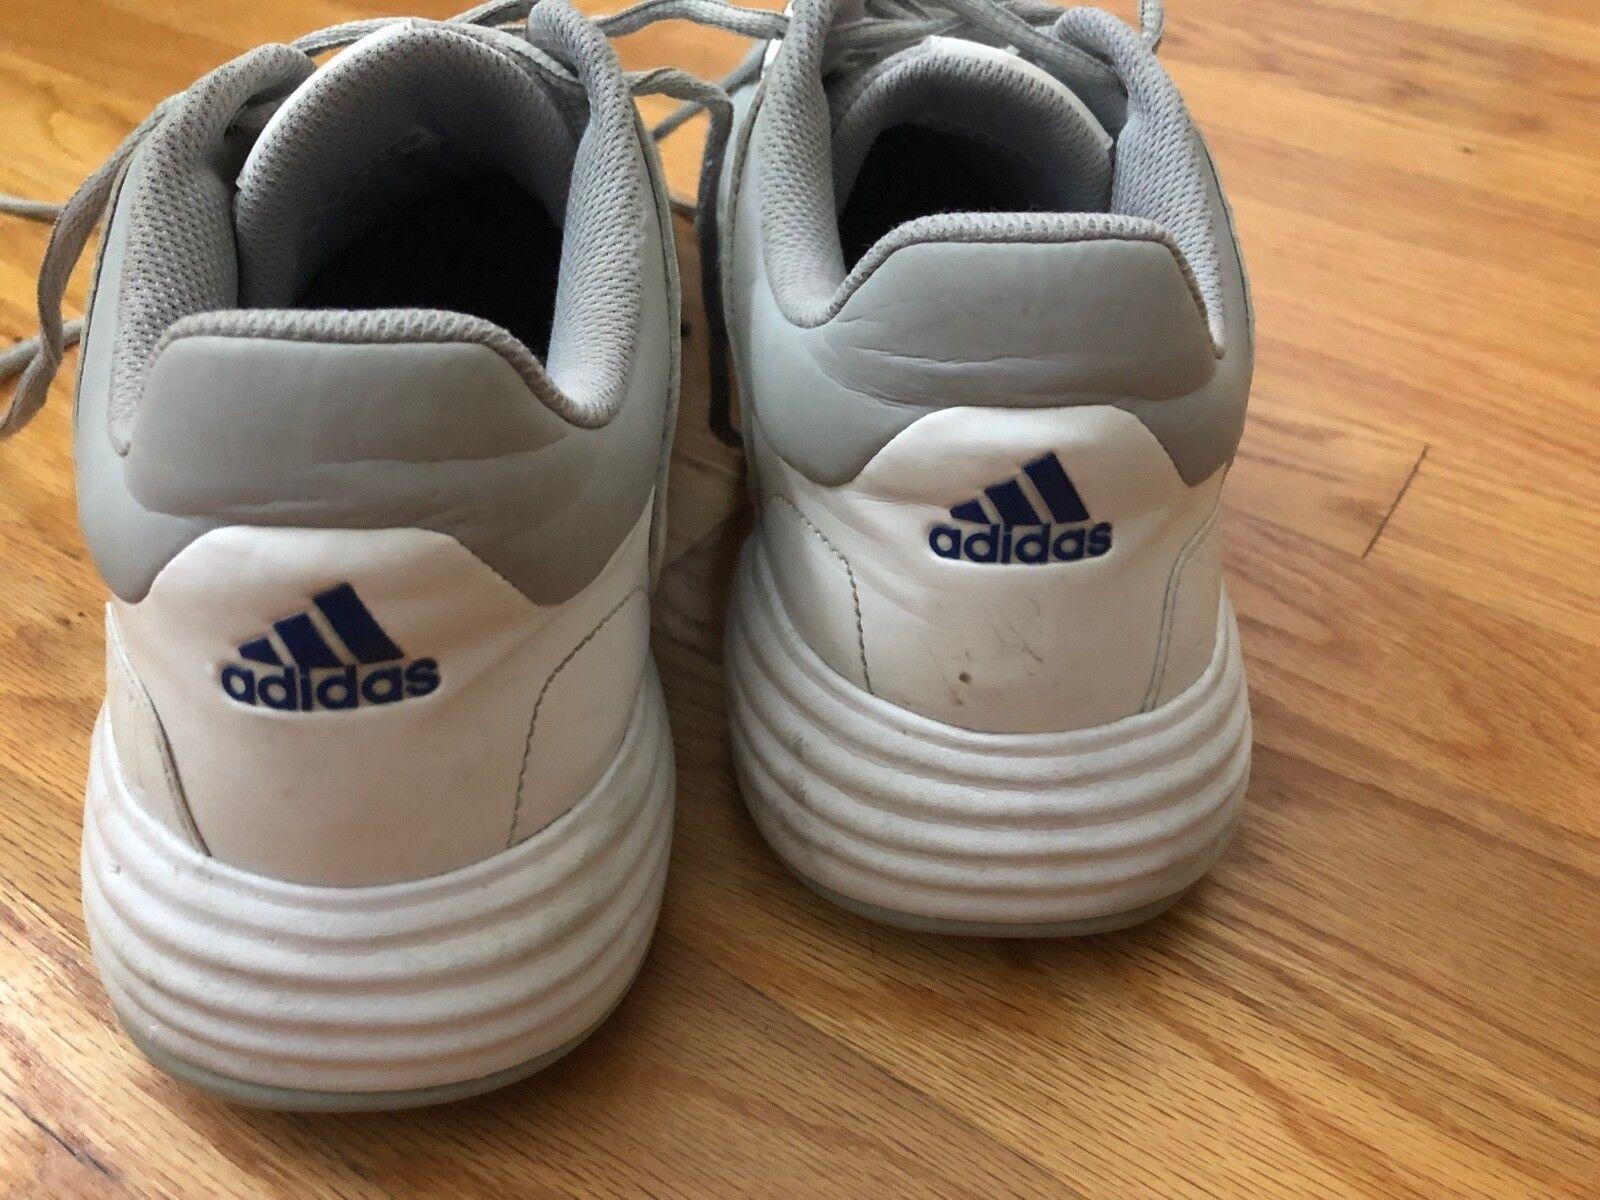 866f35ce8 ... Hombres Hombres Hombres Adidas Zapatillas nosotros cómodos zapatos  nuevos para hombres y mujeres